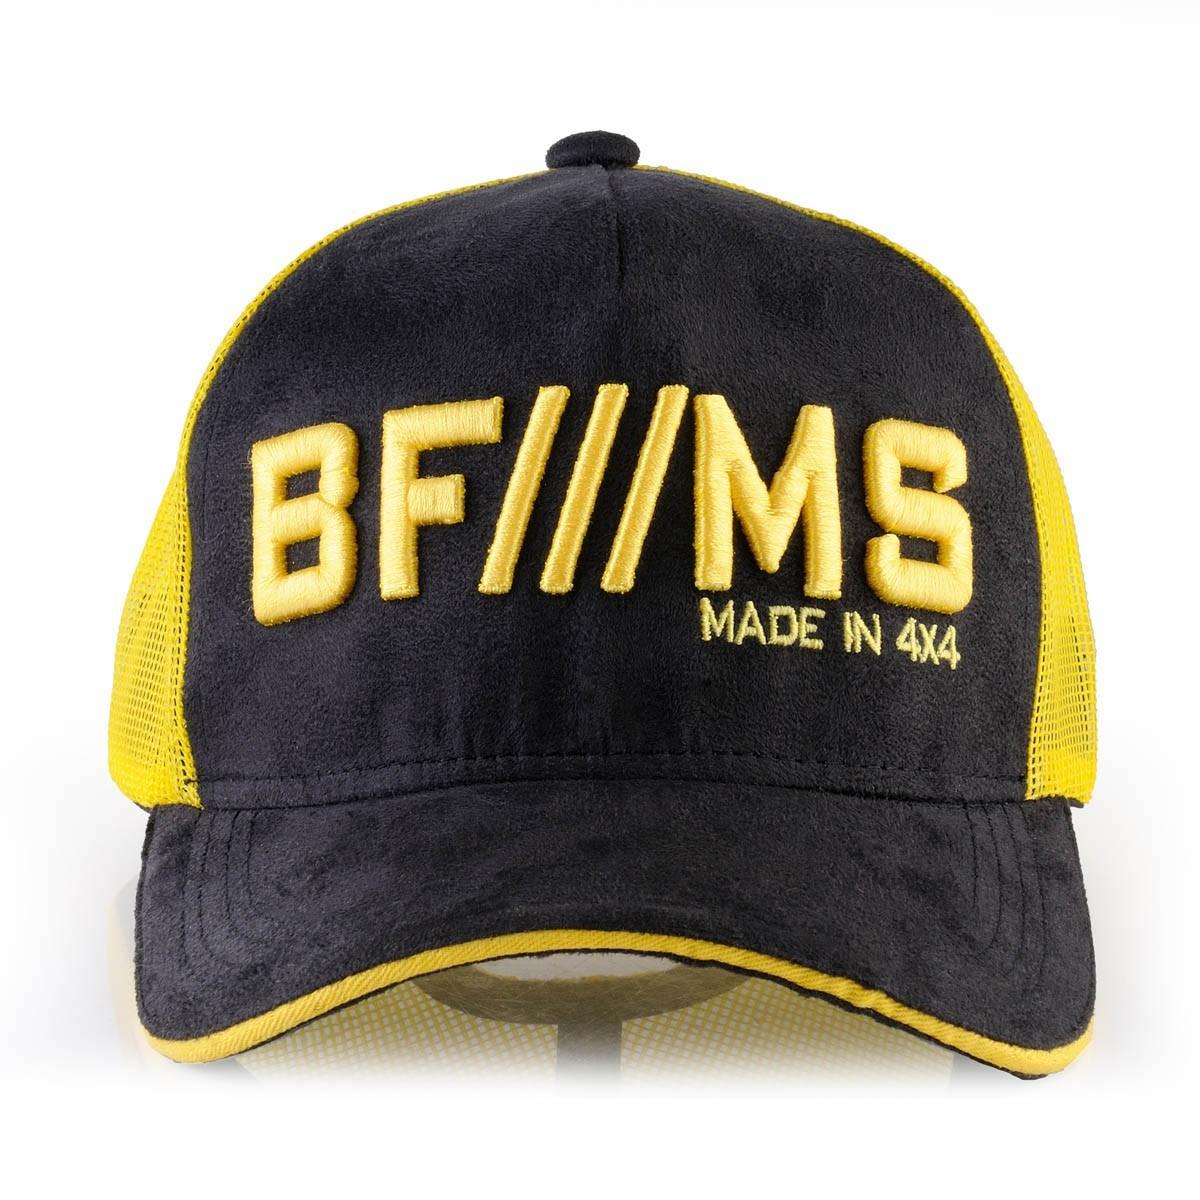 Boné BFMS Original Tradicional Preto Camurça com Amarelo Tela Ajustável